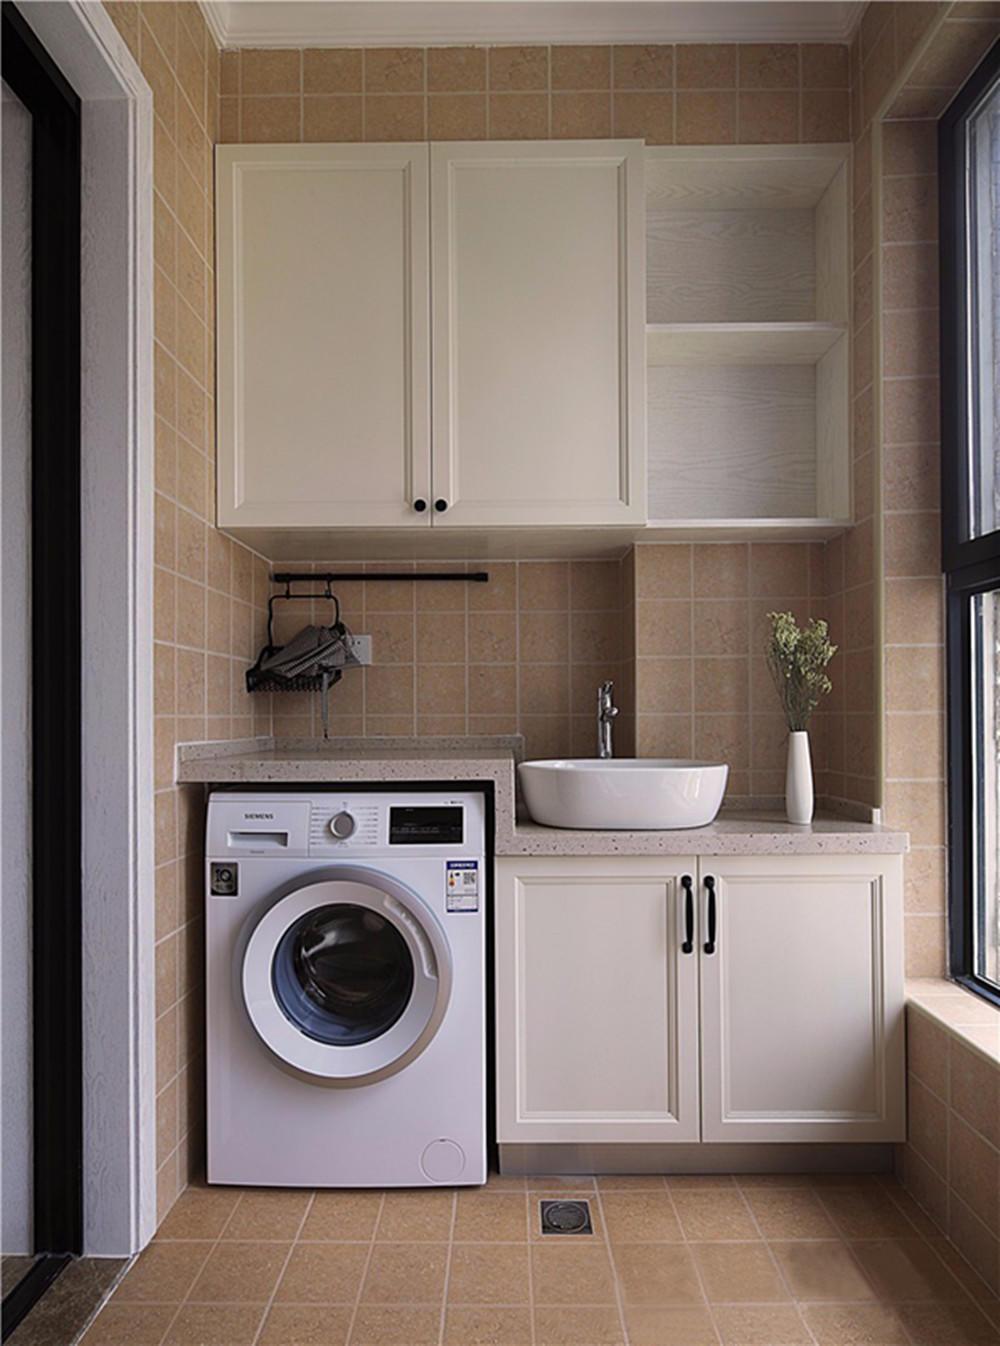 洗衣机采用嵌入式,增大了阳台的空间感.图片